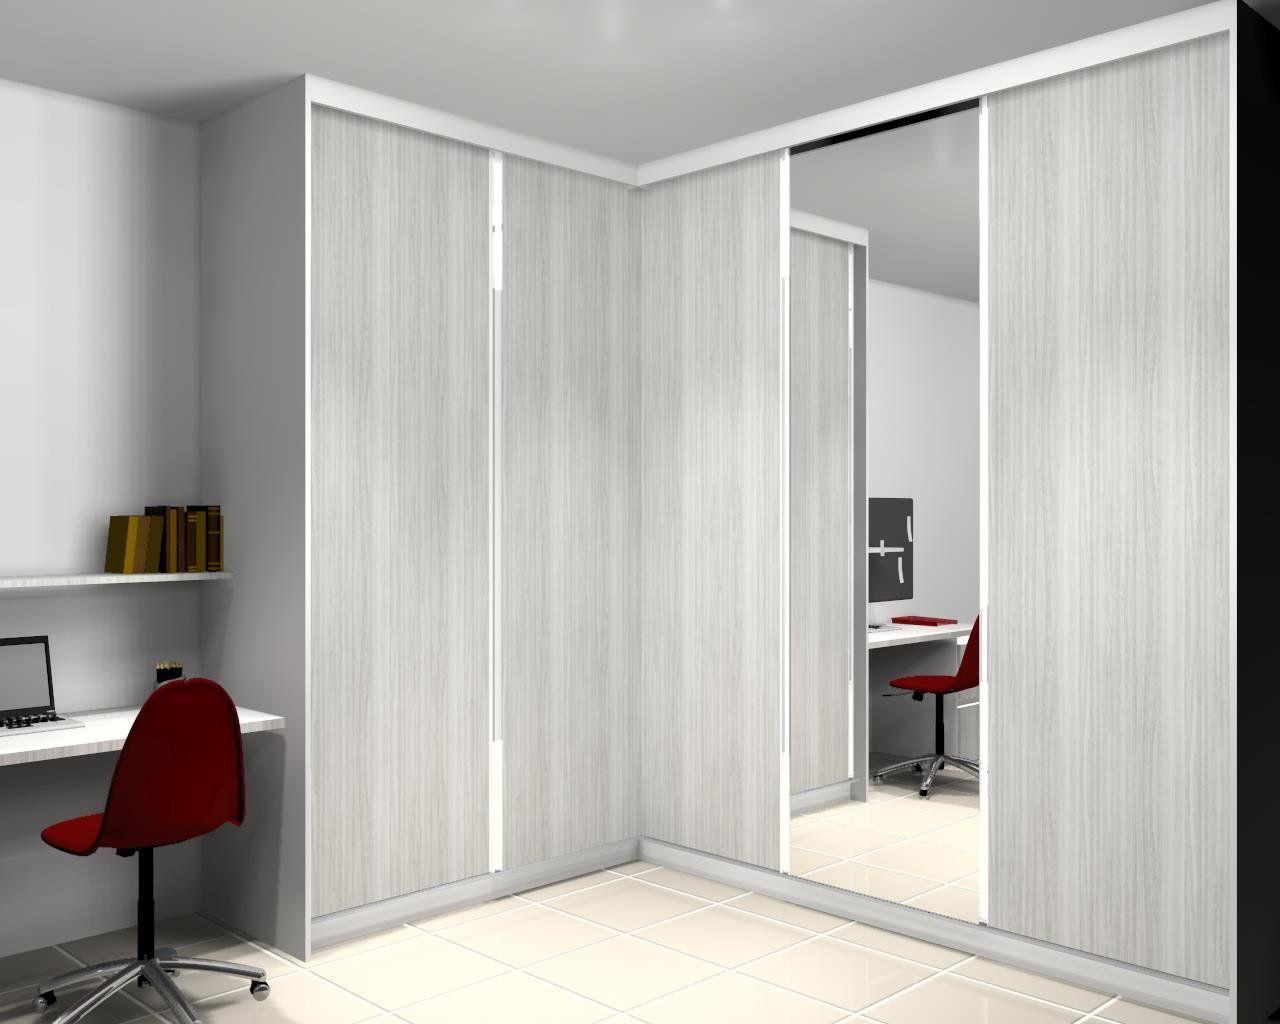 Guarda Roupa Em L De 5 Portas E 1 Porta Com Espelho Com Imagens